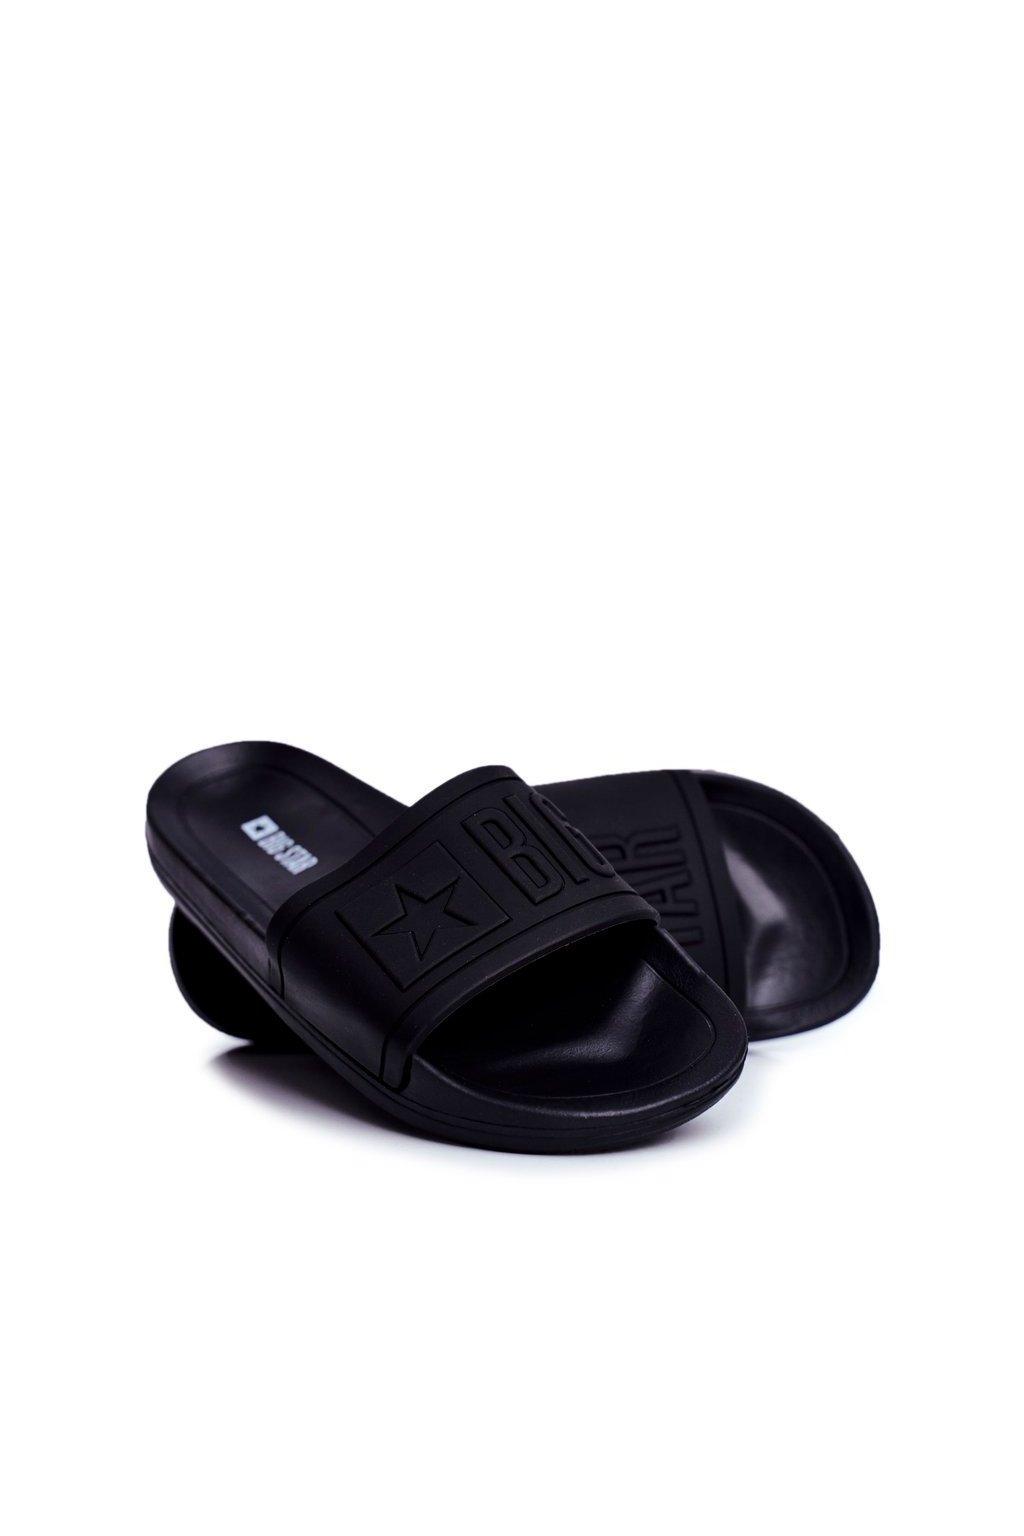 Pánske šľapky farba čierna NJSK DD174690 BLK